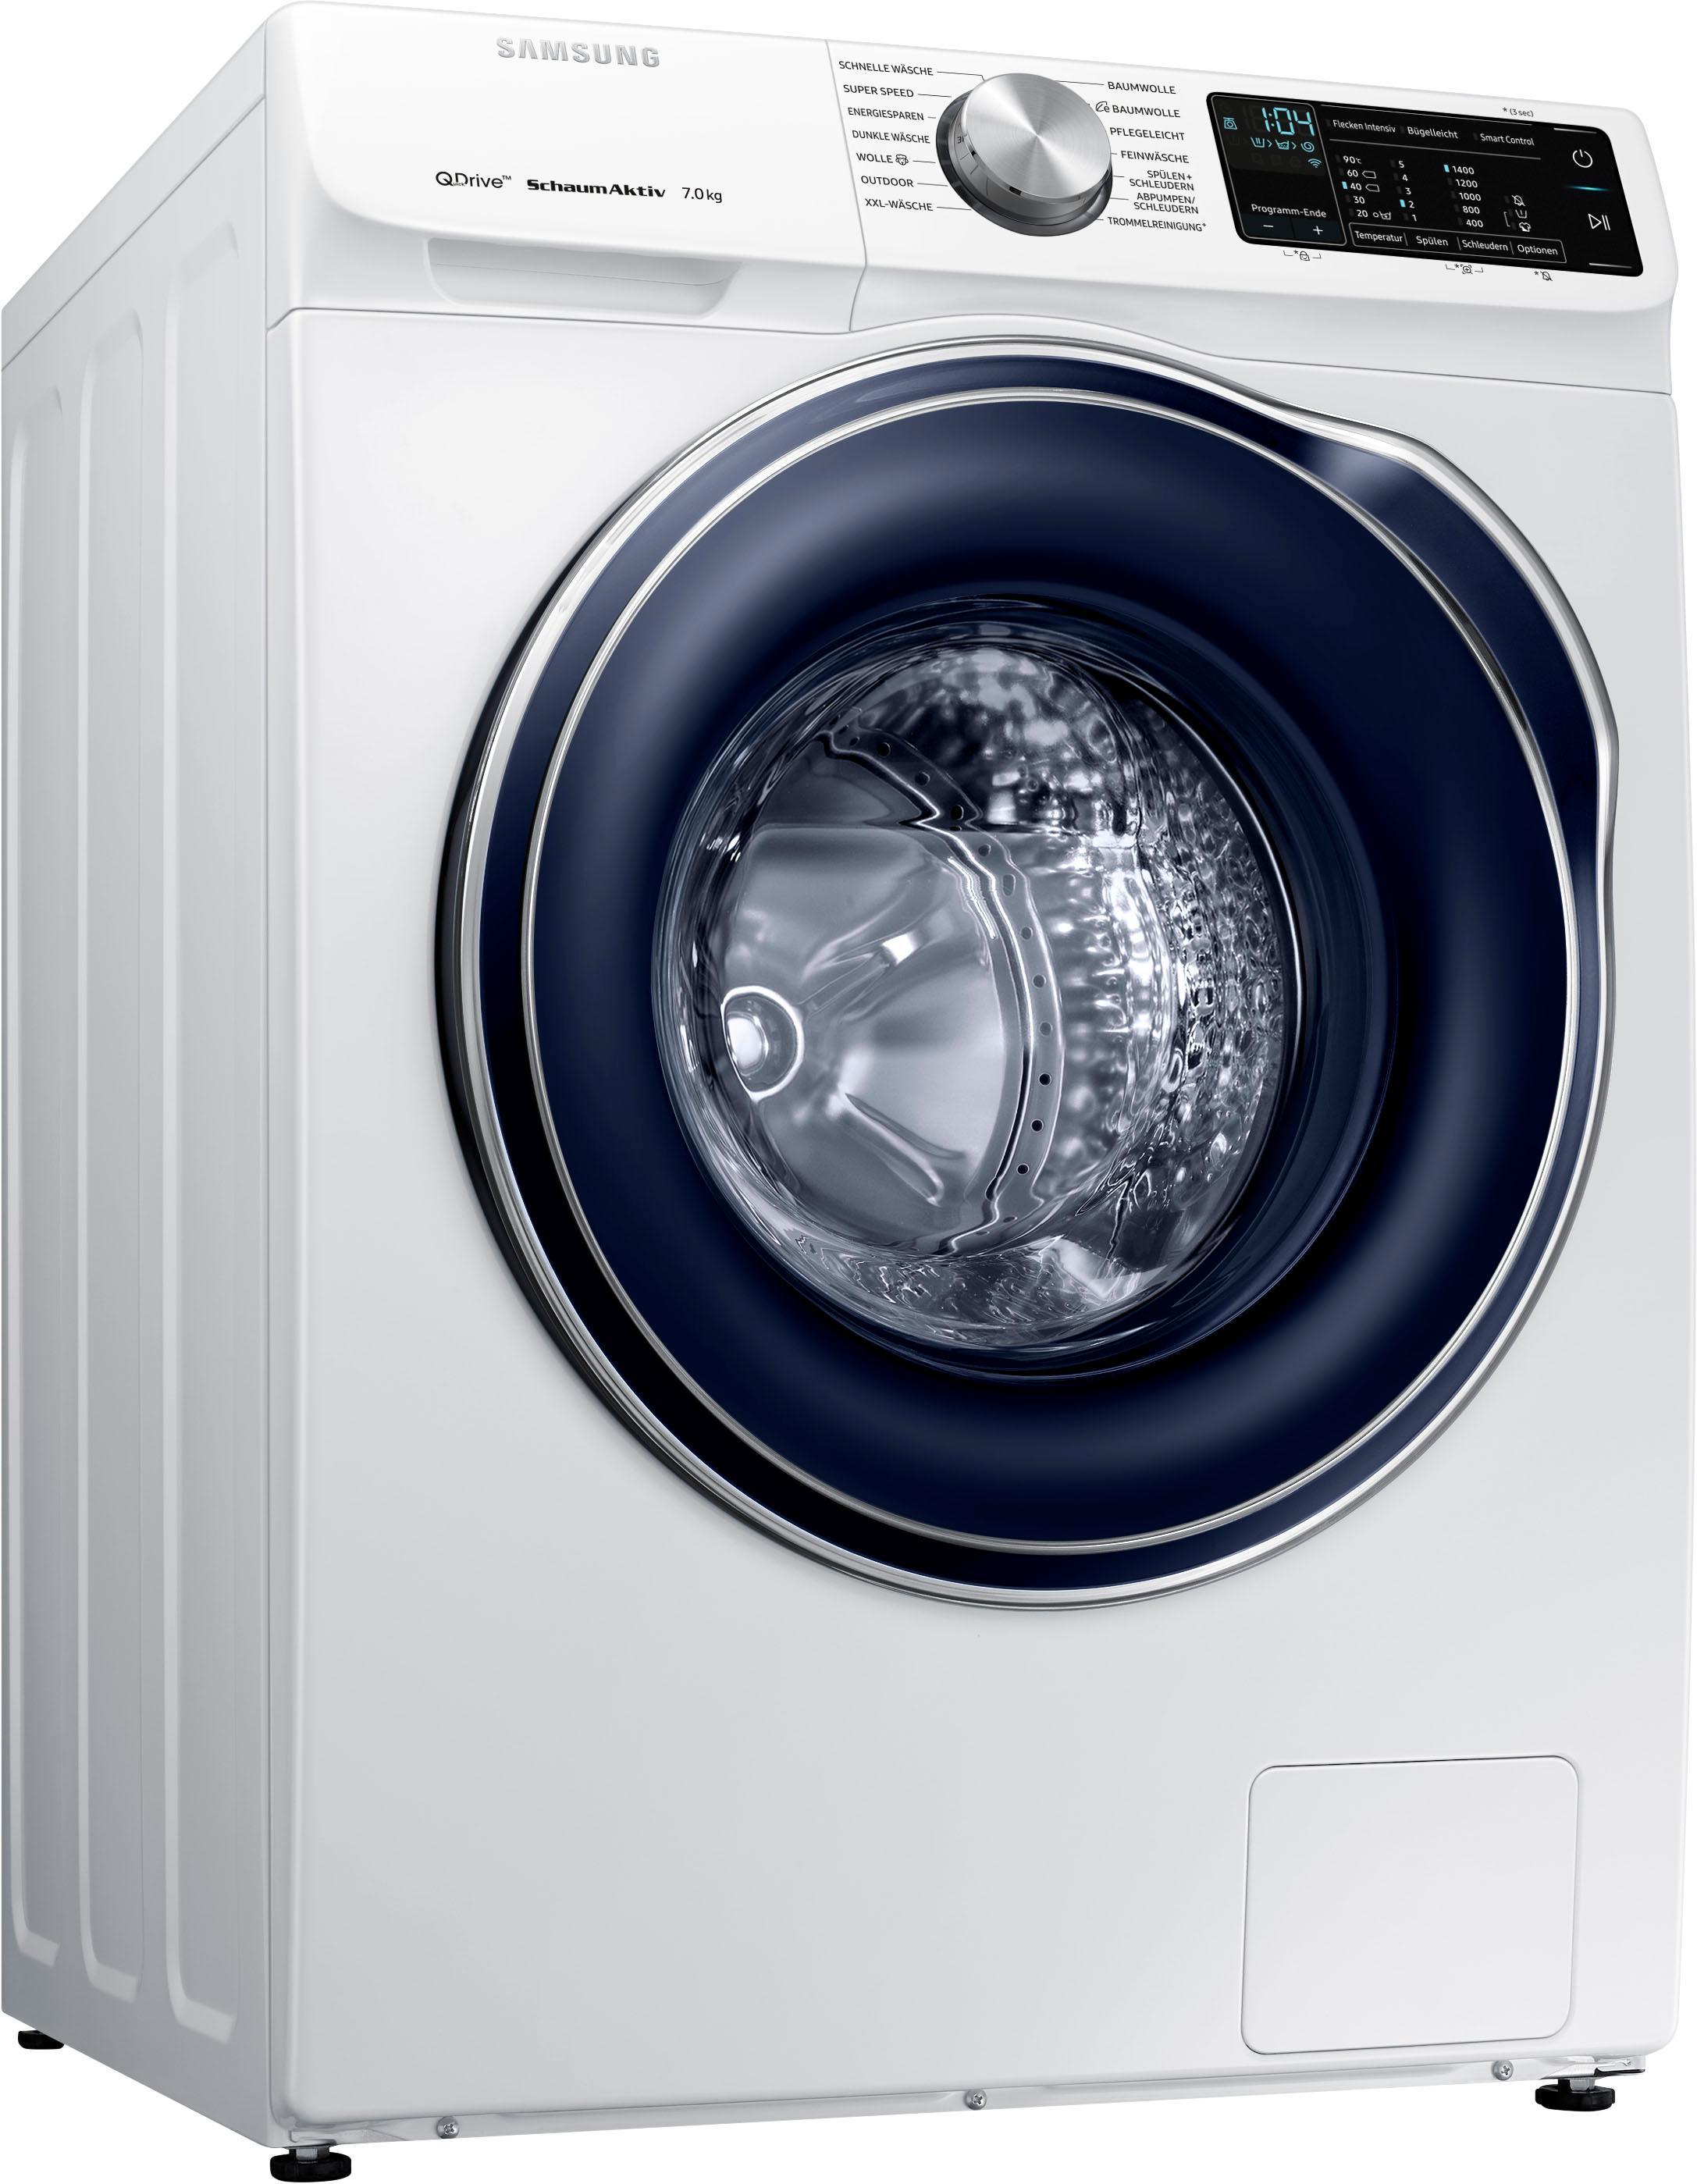 Samsung Waschmaschine QuickDrive WW6600 | Bad > Waschmaschinen und Trockner > Frontlader | Samsung